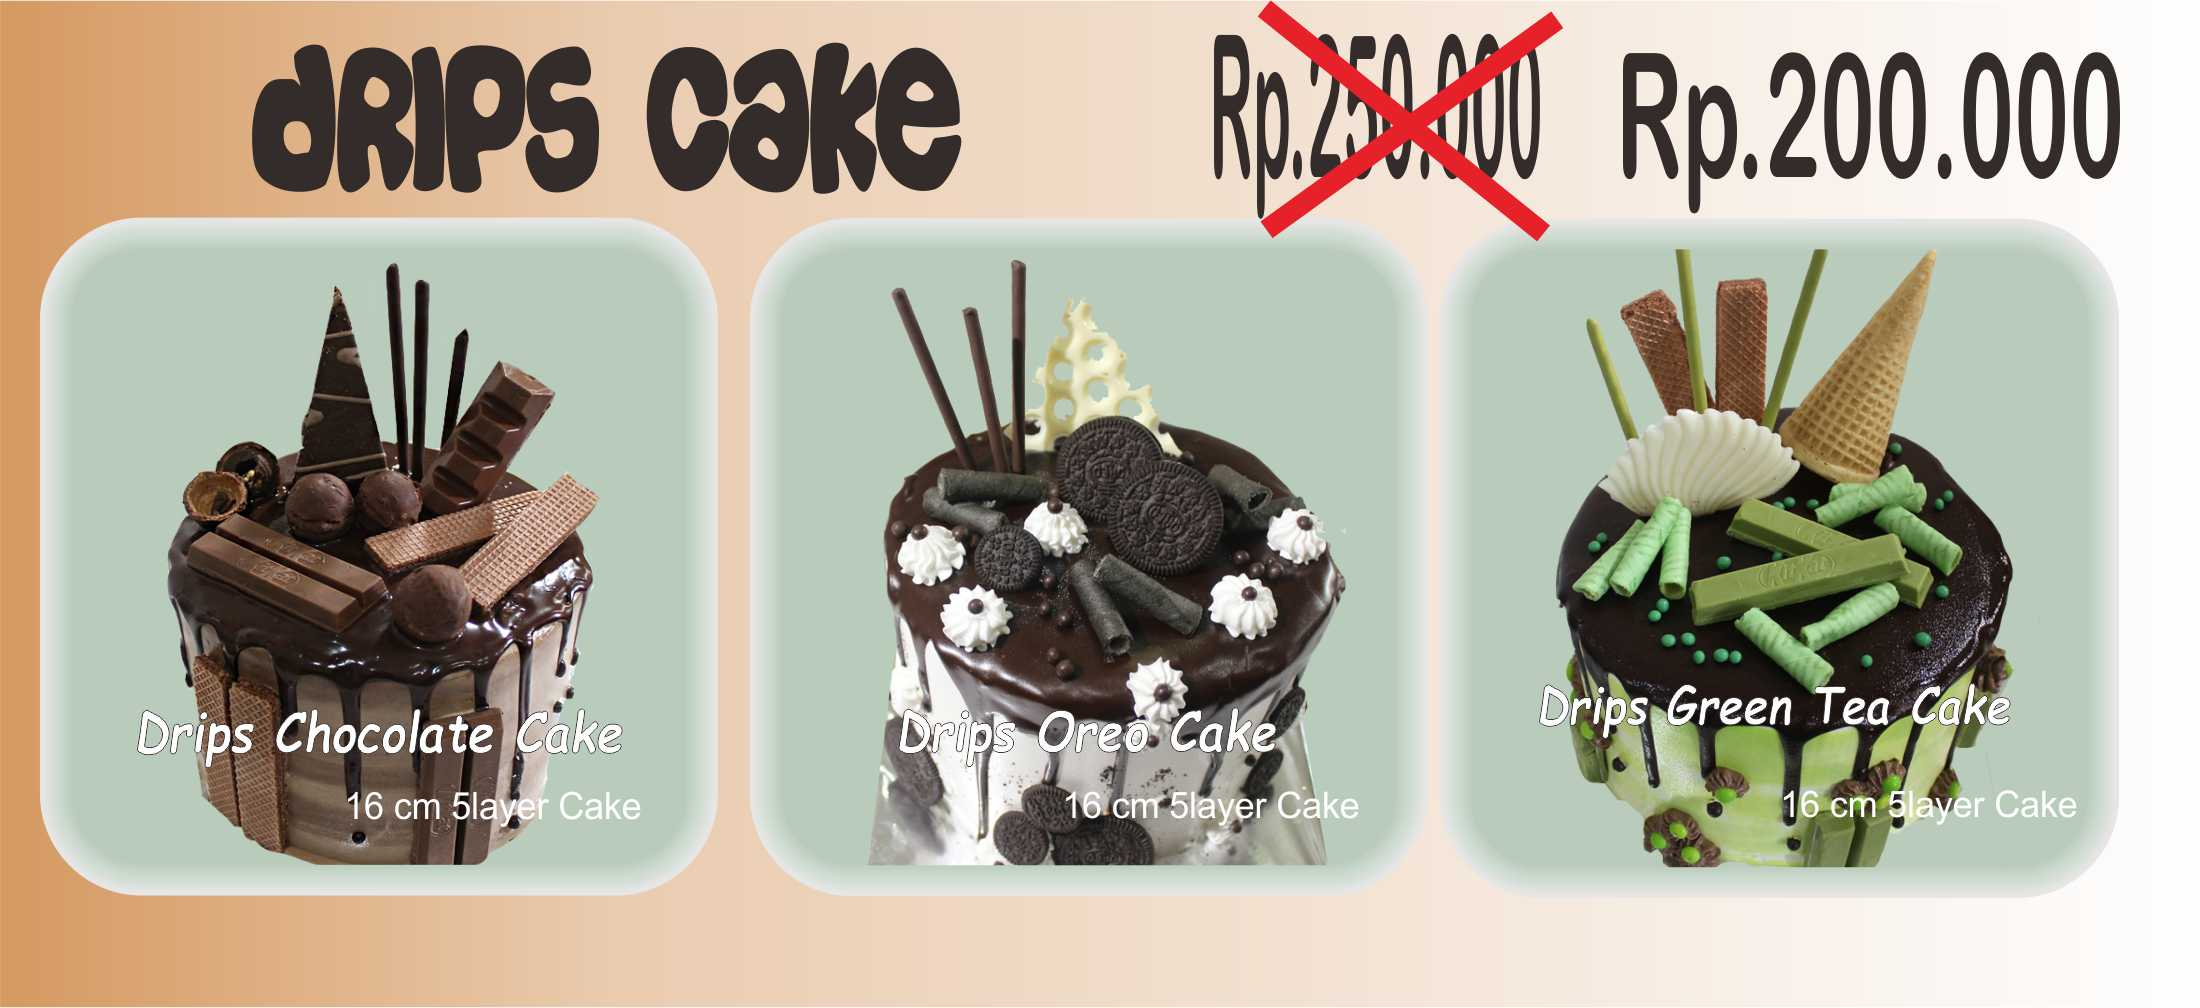 drips-cake